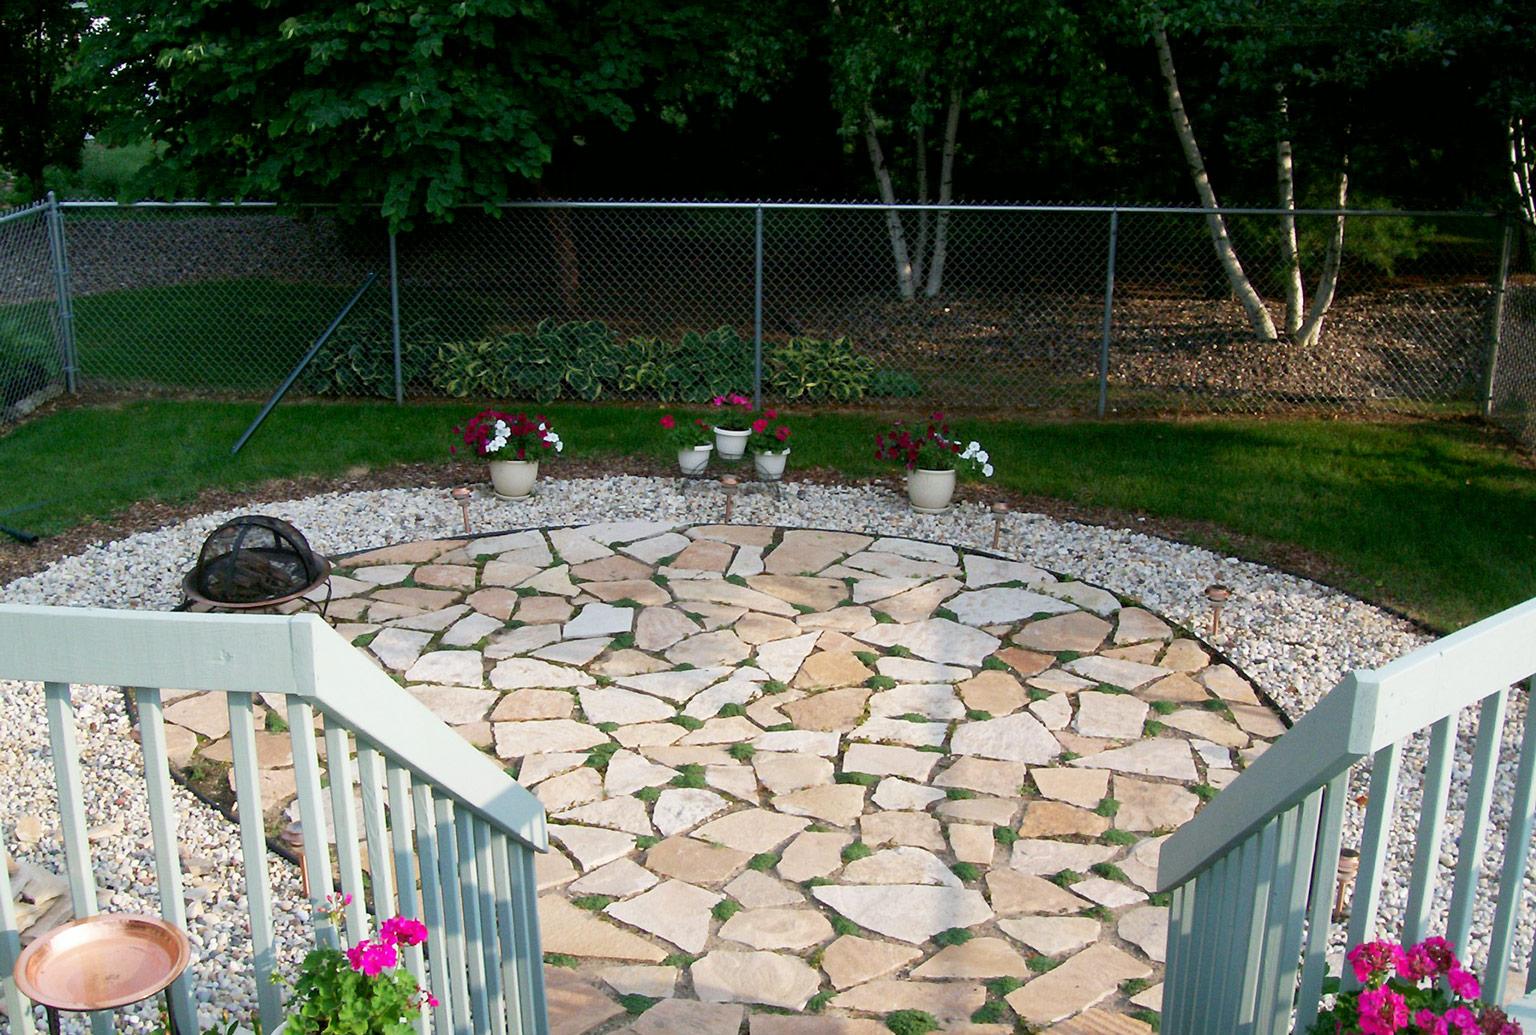 How to Build a Flagstone Patio | Blain's Farm & Fleet Blog on Flagstone Backyard Patio id=72837